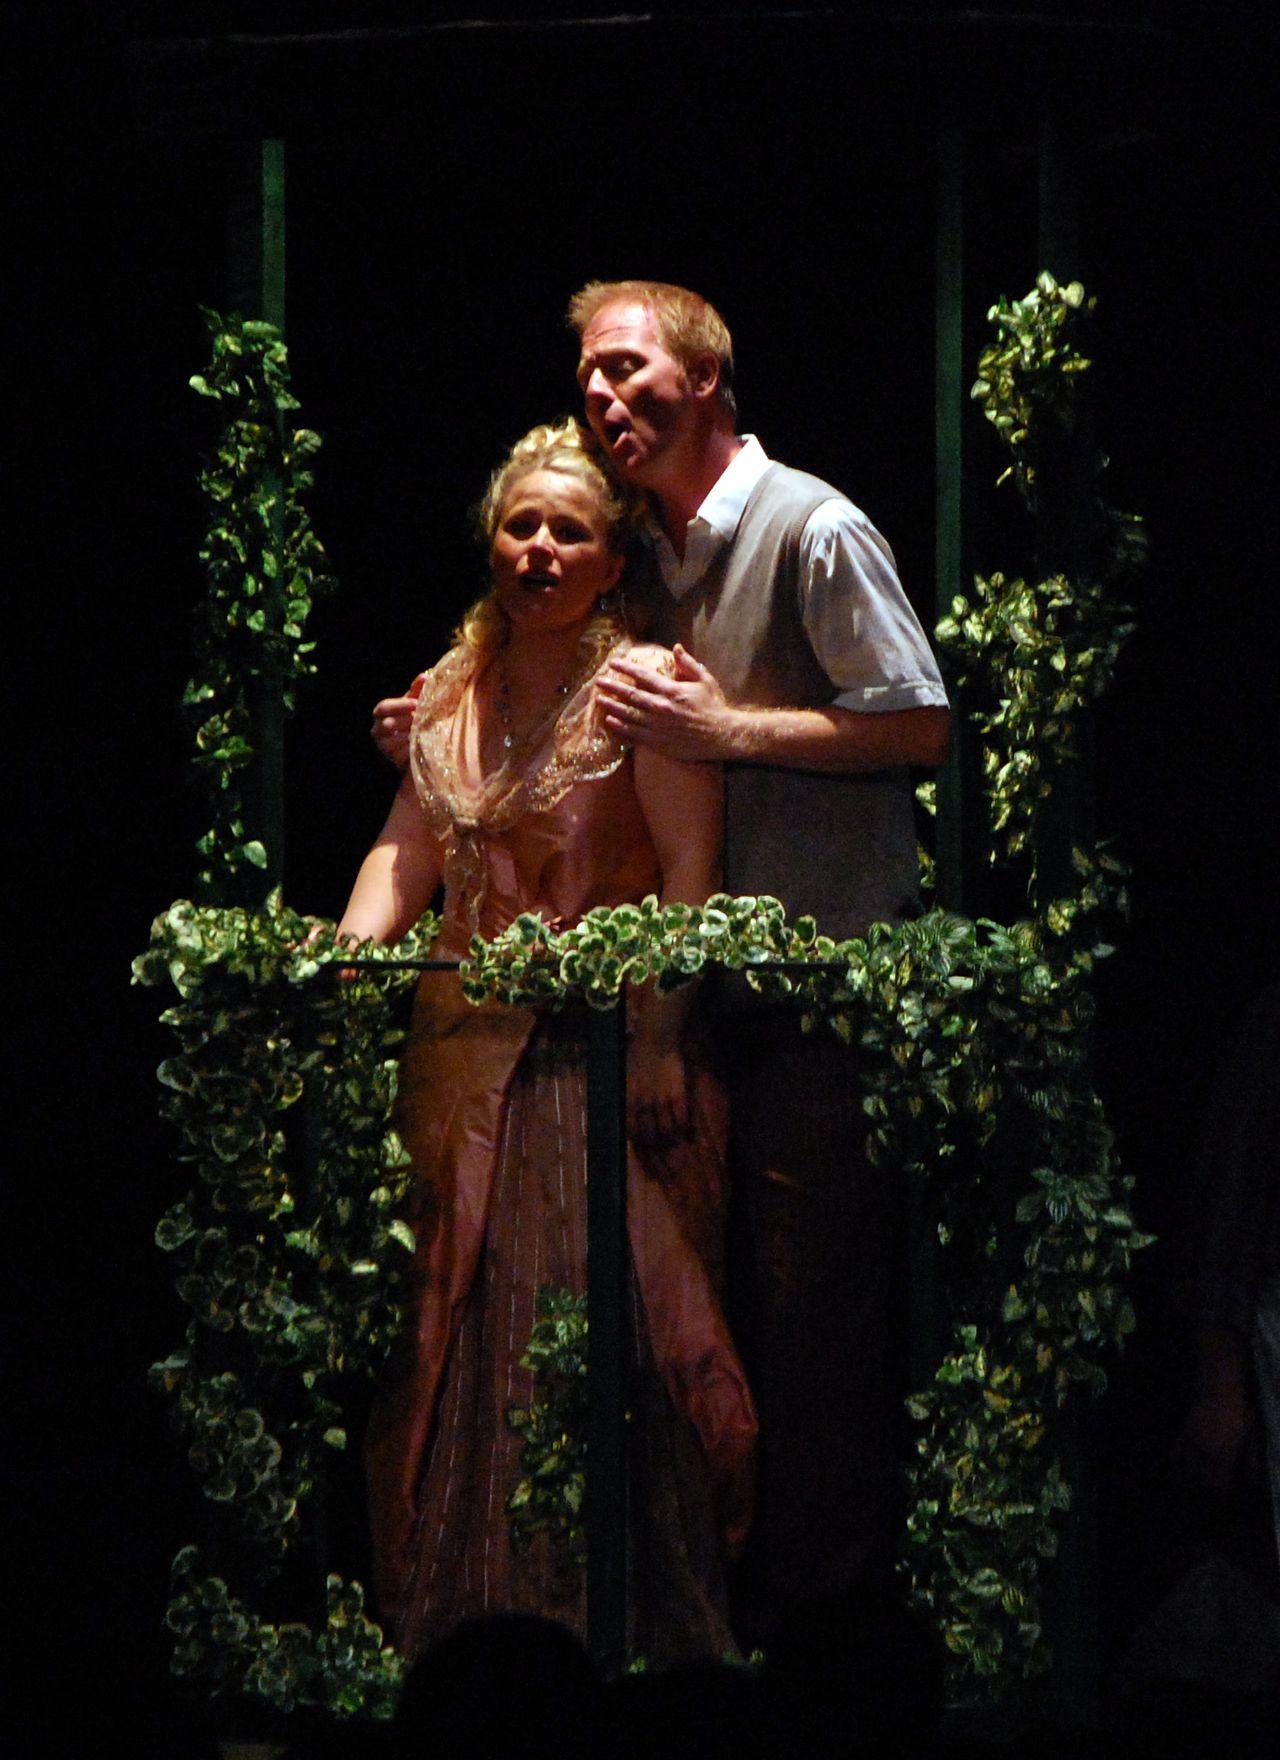 Virginie-Stucki-Recup-And-Cut-Brignais-Don-Pasquale-Opéra-Festival-Lyrique-en-mer